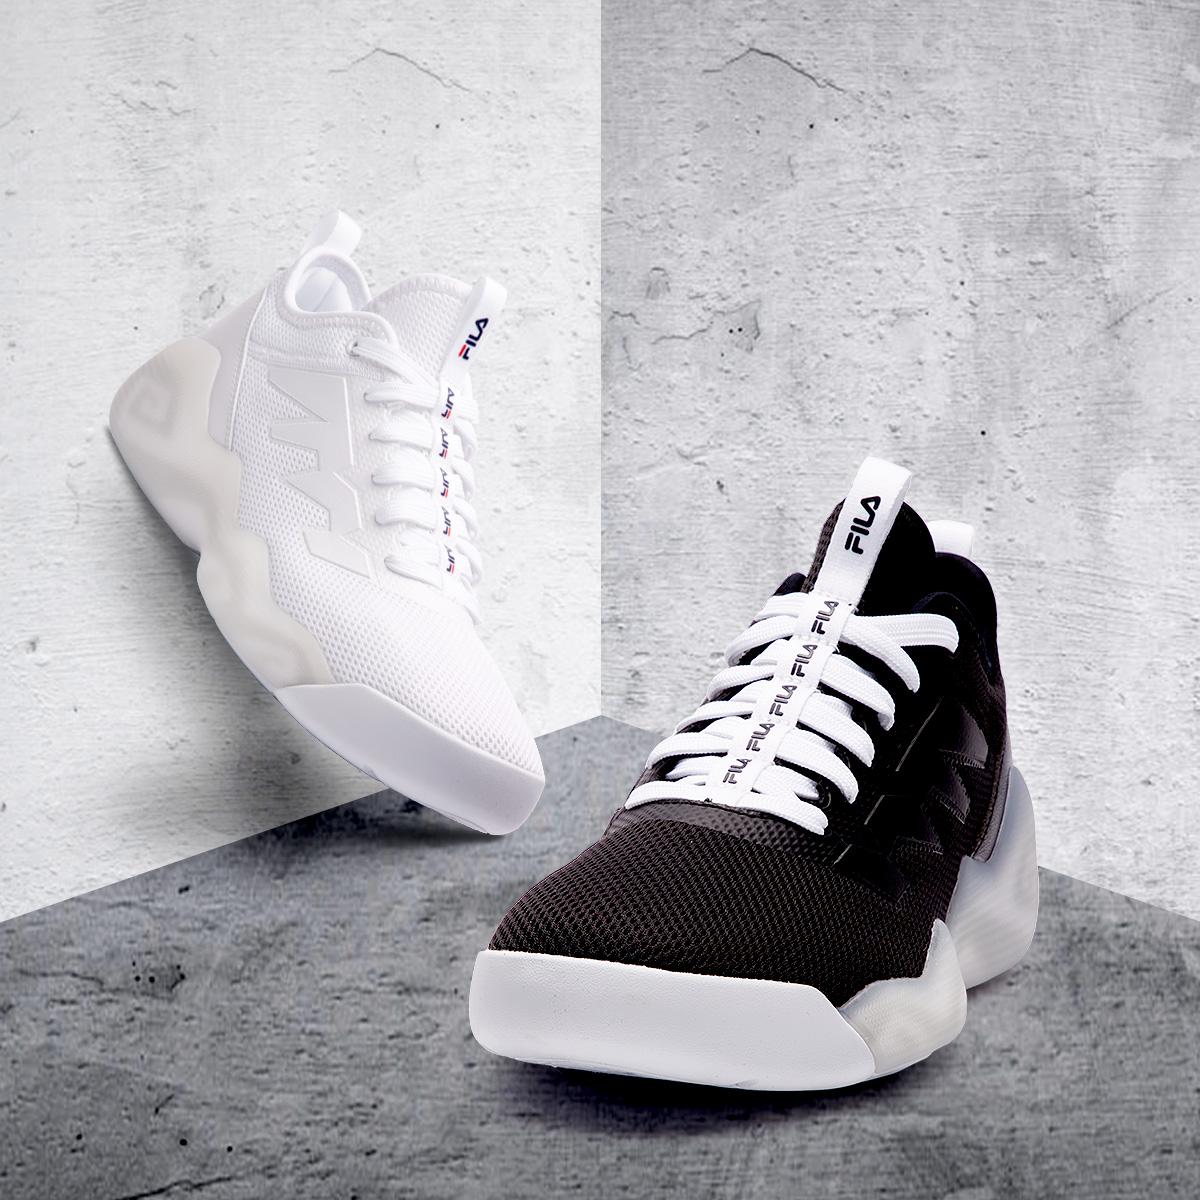 FILA фиджи музыка мужская обувь 2018 новая весна классический вариант баскетбол обувной уютный пригодный для носки тенденция спортивной обуви обувь casual мужчина